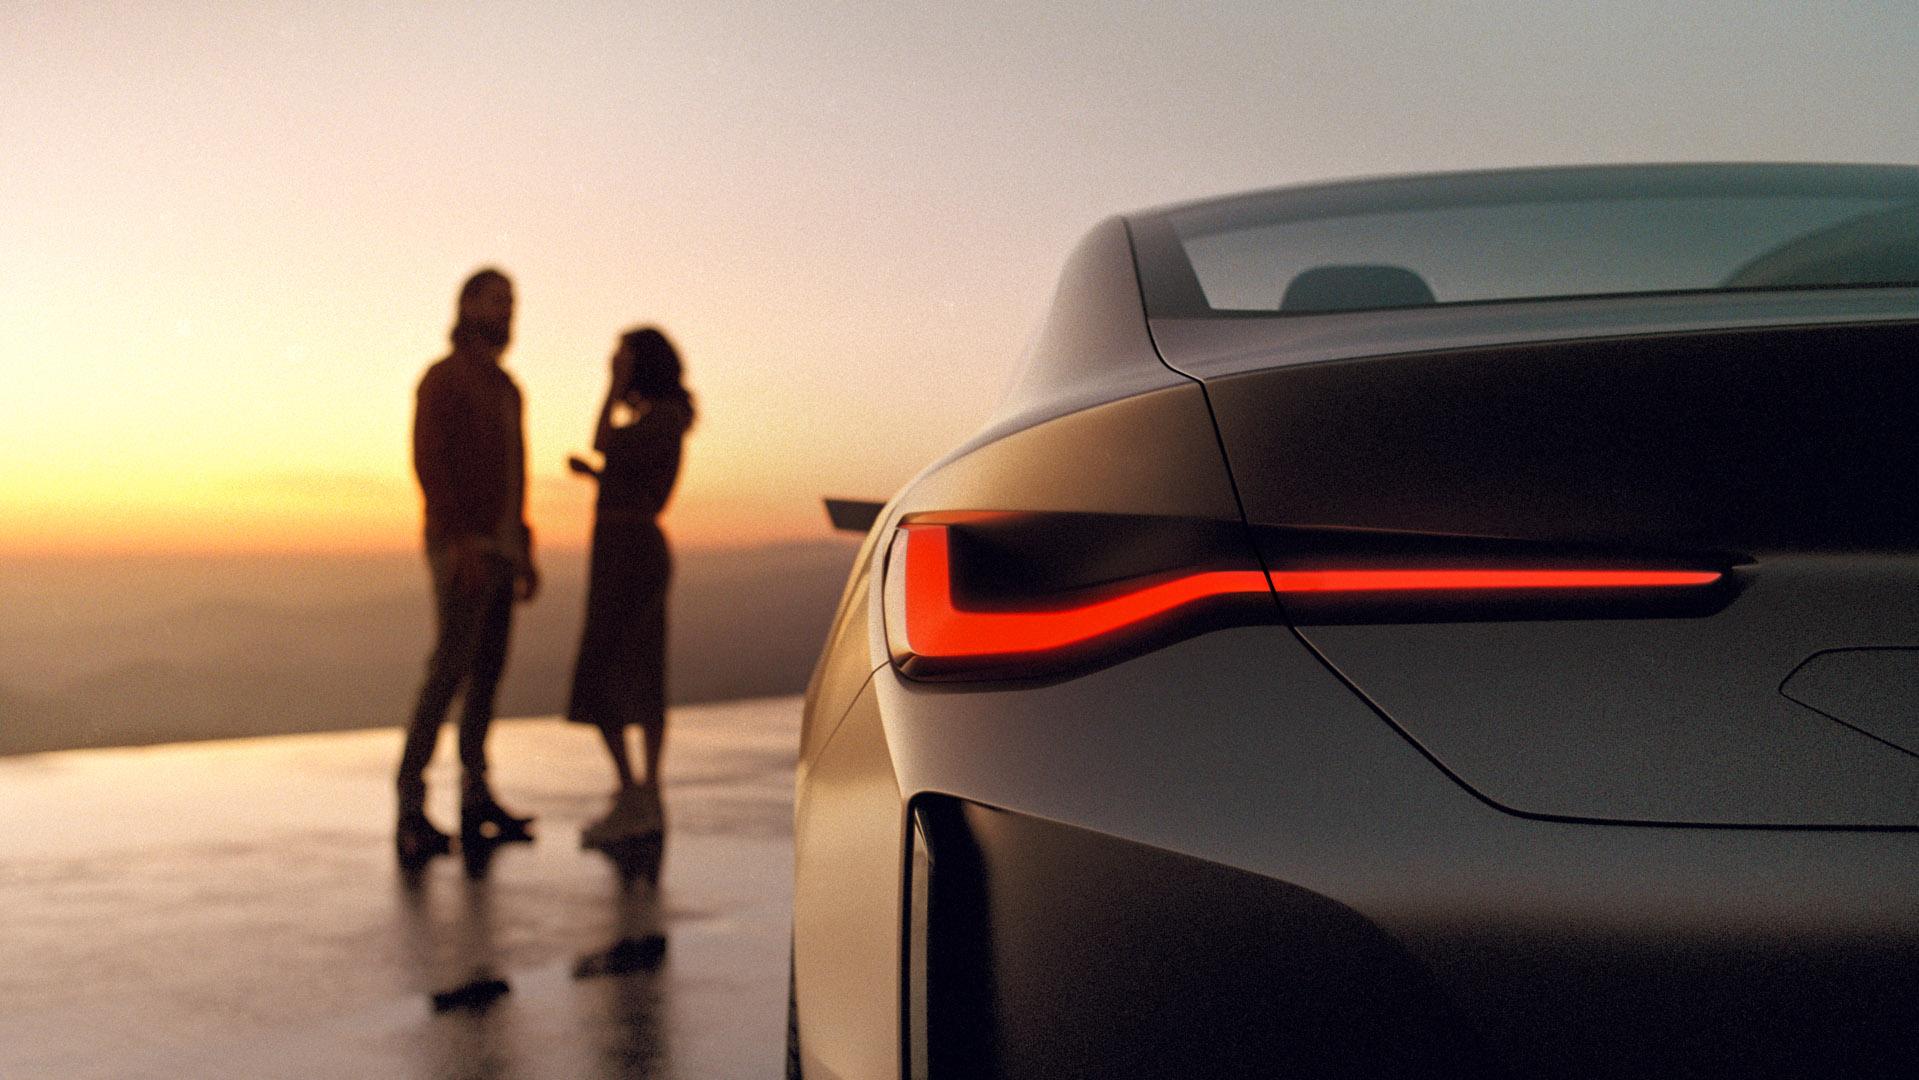 BMW Concept i4 lights